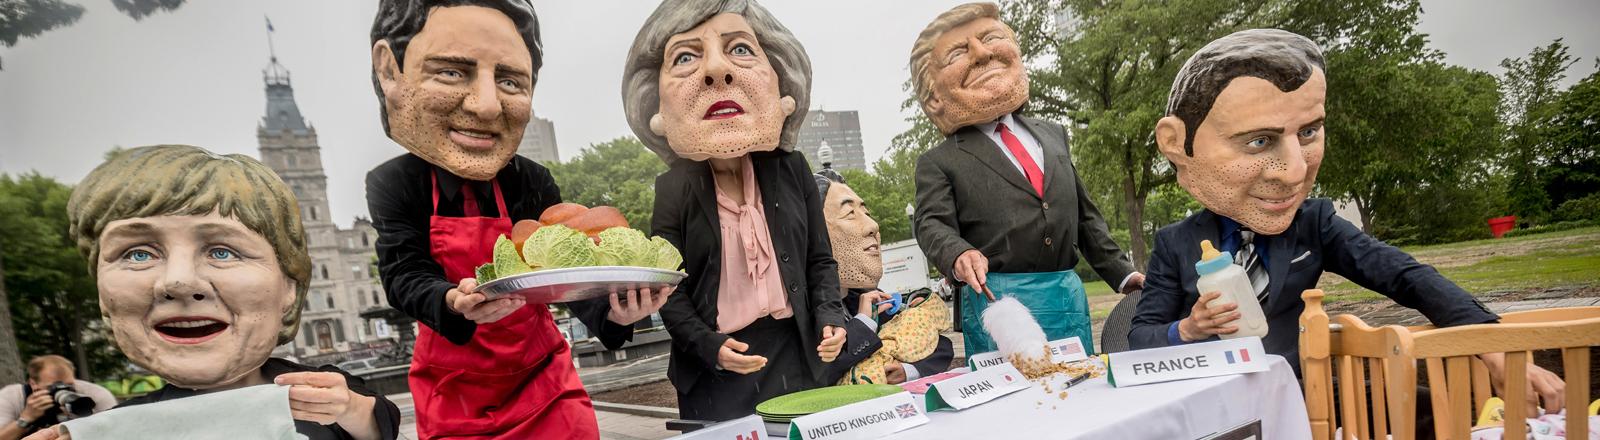 Karikaturen der teilnehmenden Staatschefs beim G7-Gipfel in Kanada.